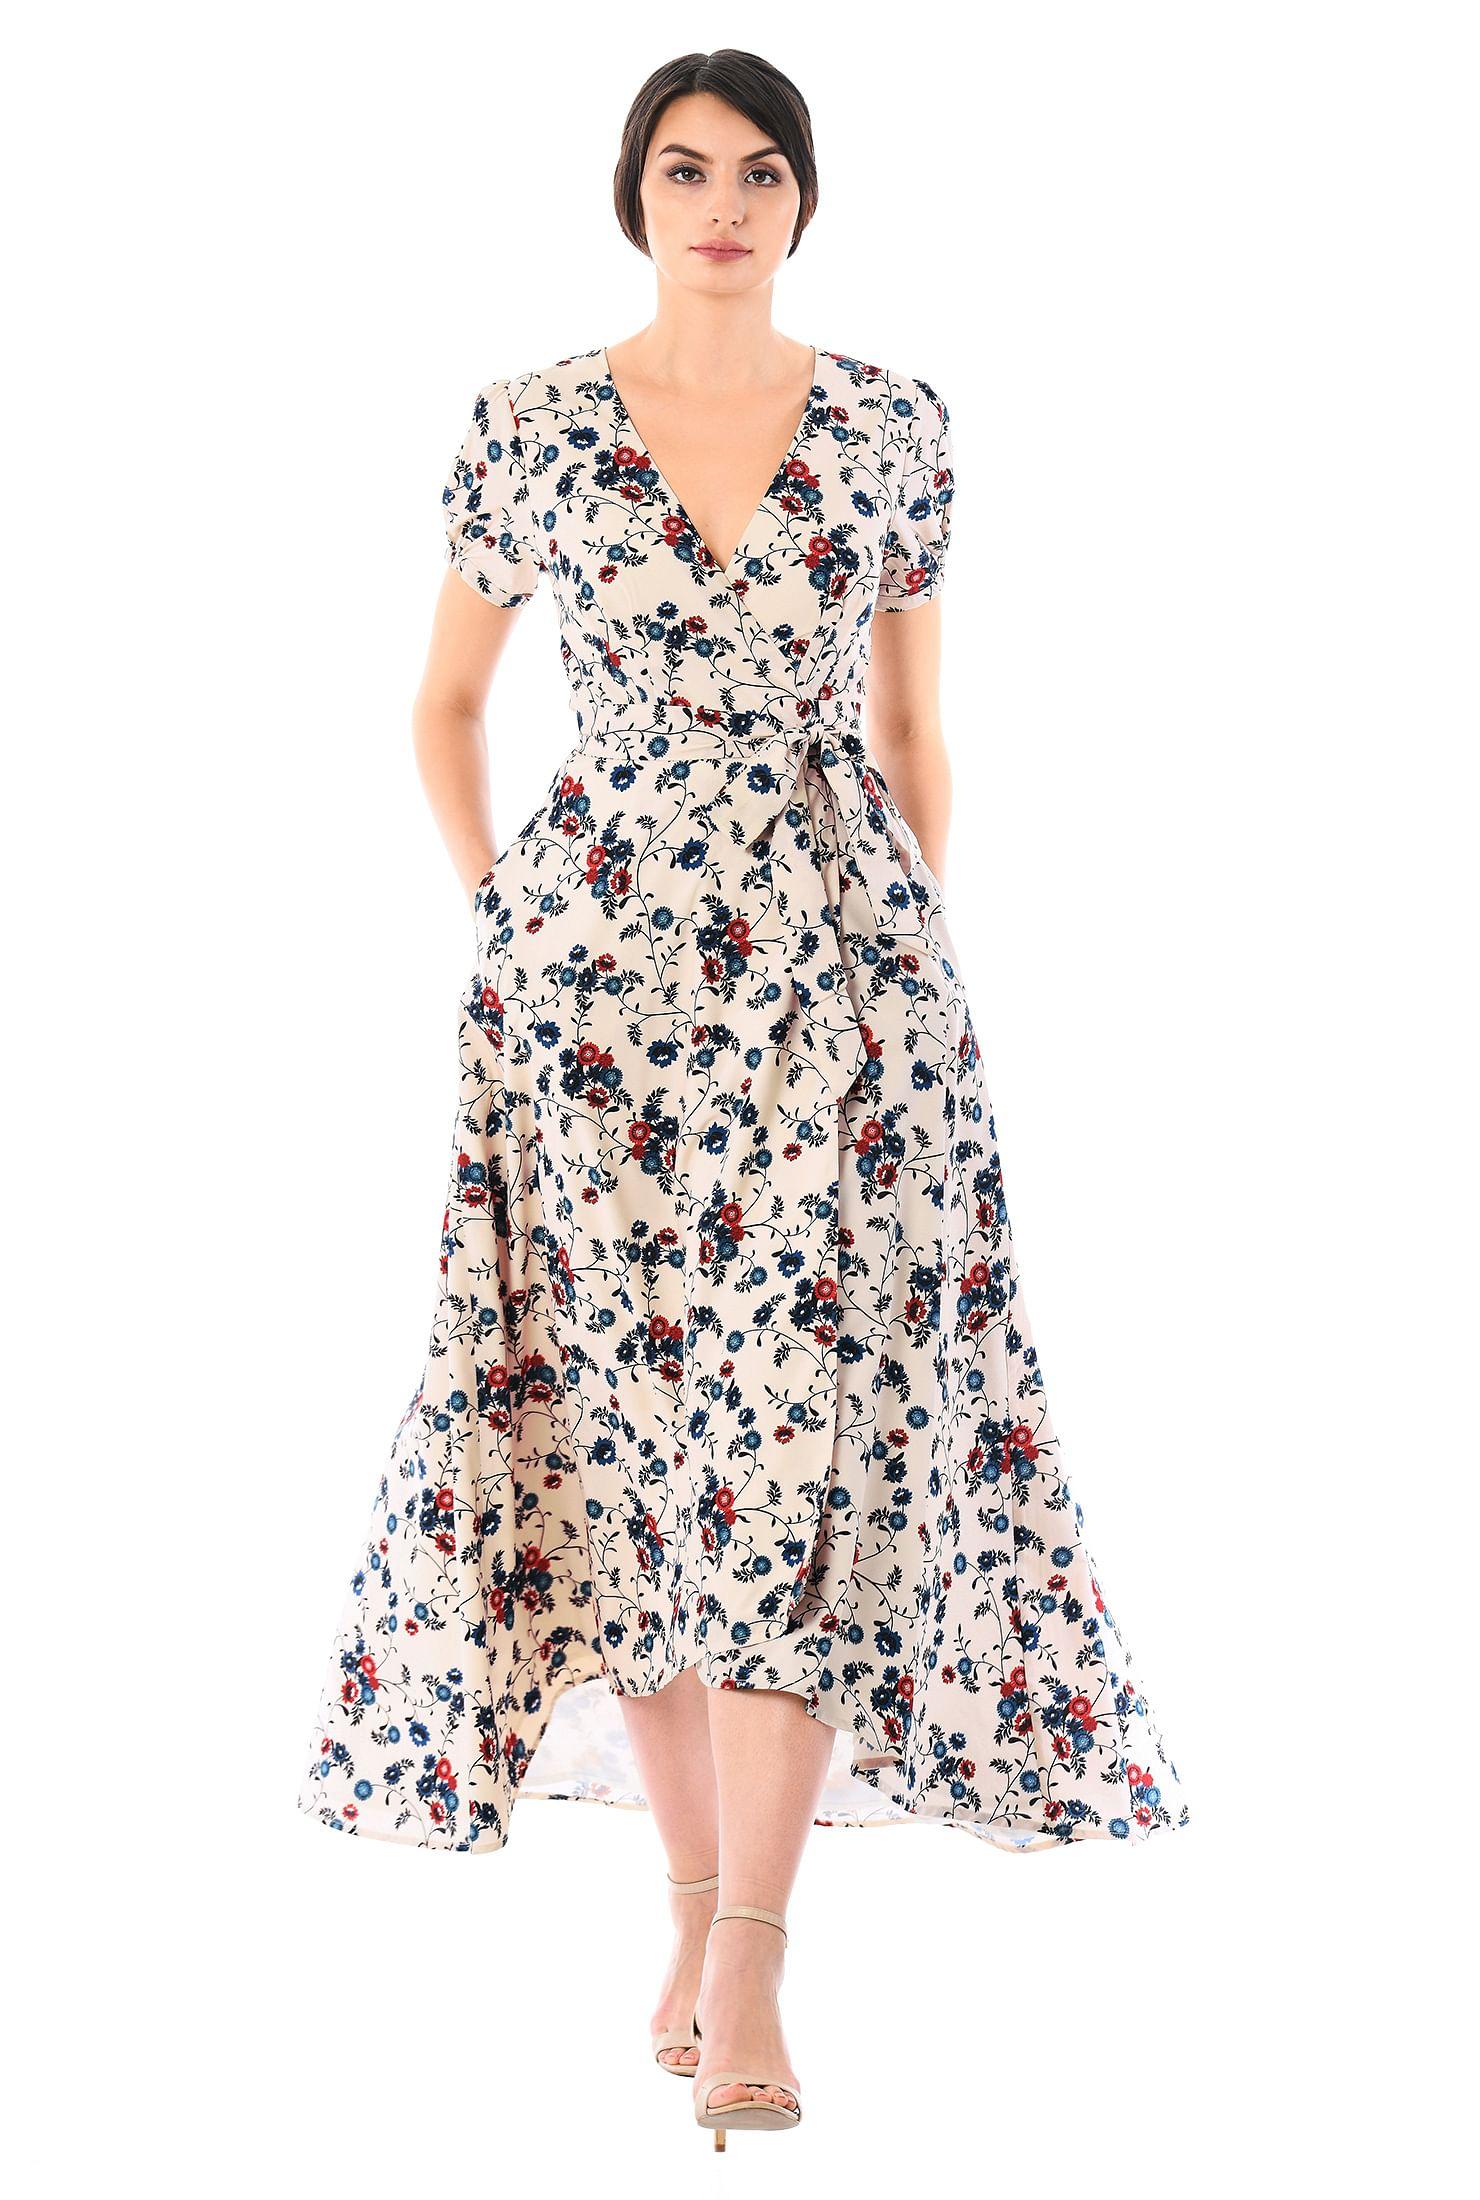 3da761eb72 Women s Fashion Clothing 0-36W and Custom